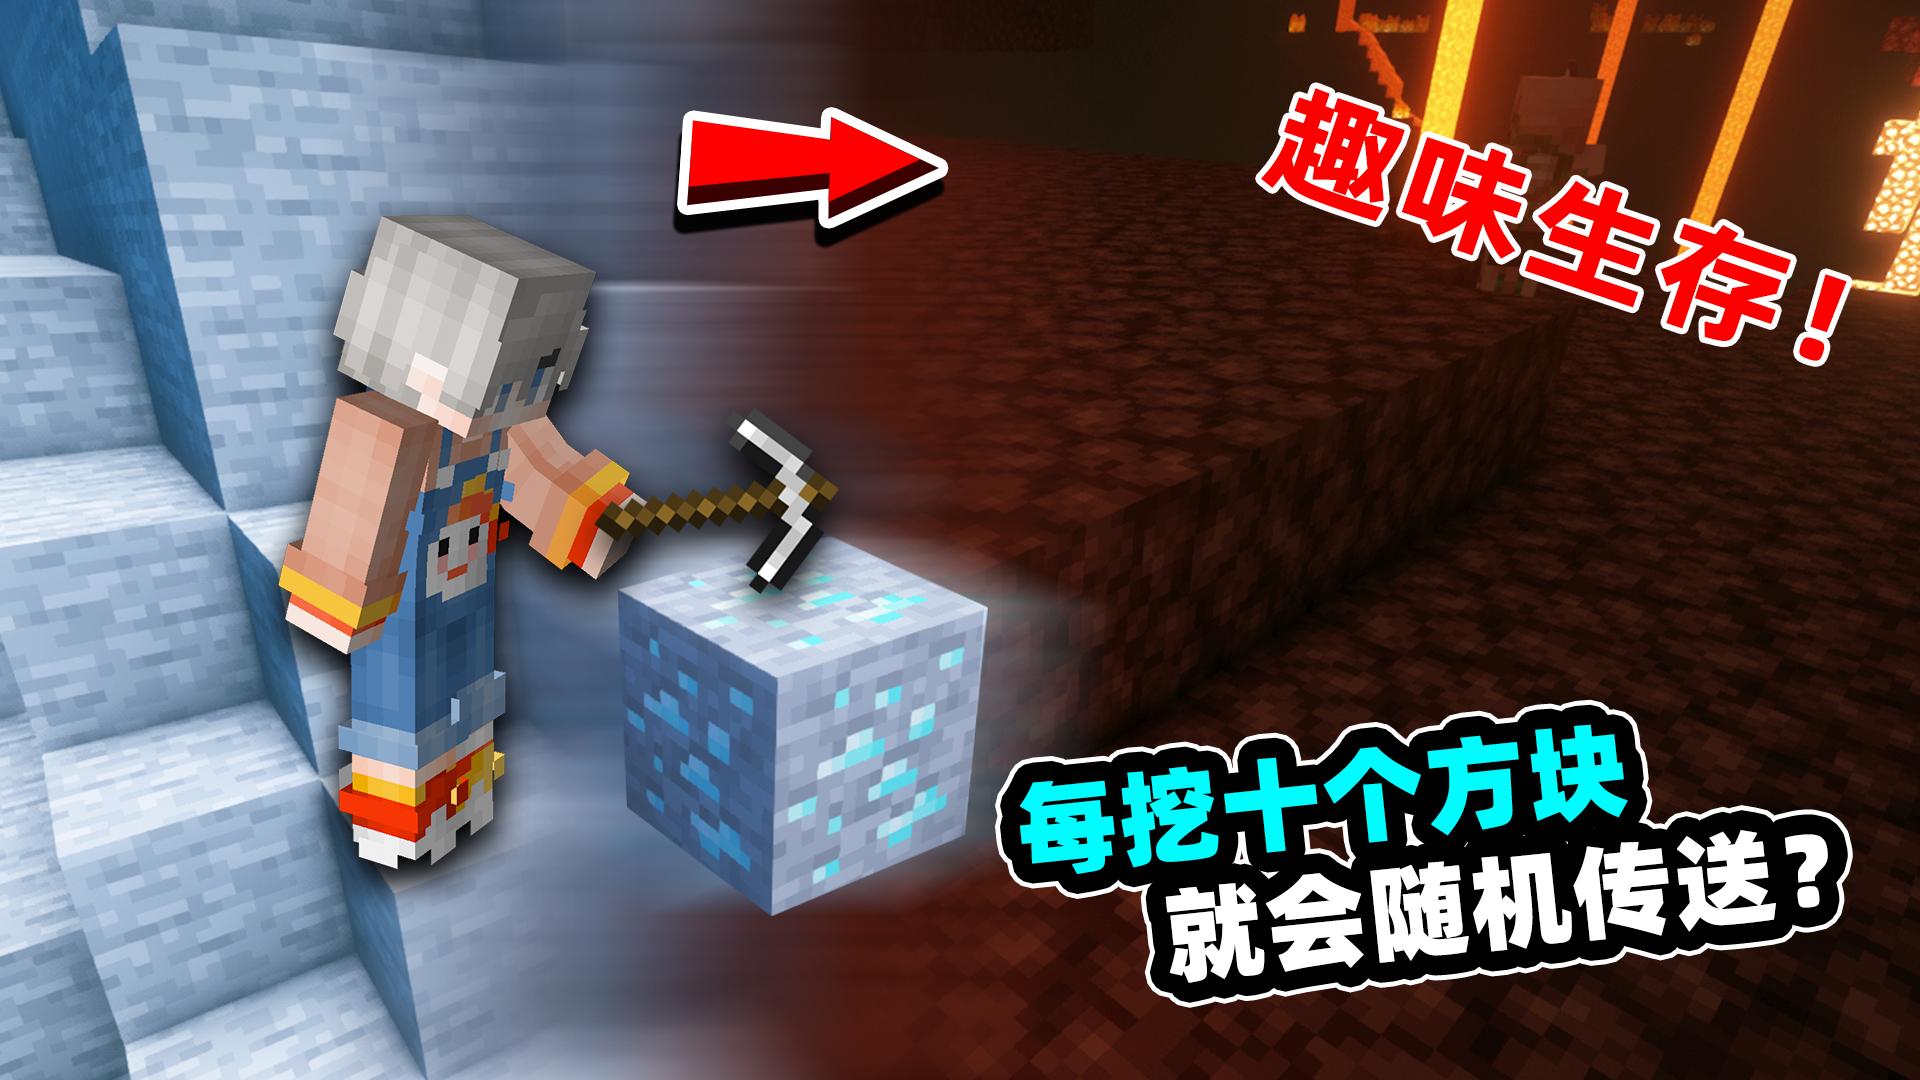 我的世界:趣味生存挑战!每挖10个方块,就会被随机传送一次!